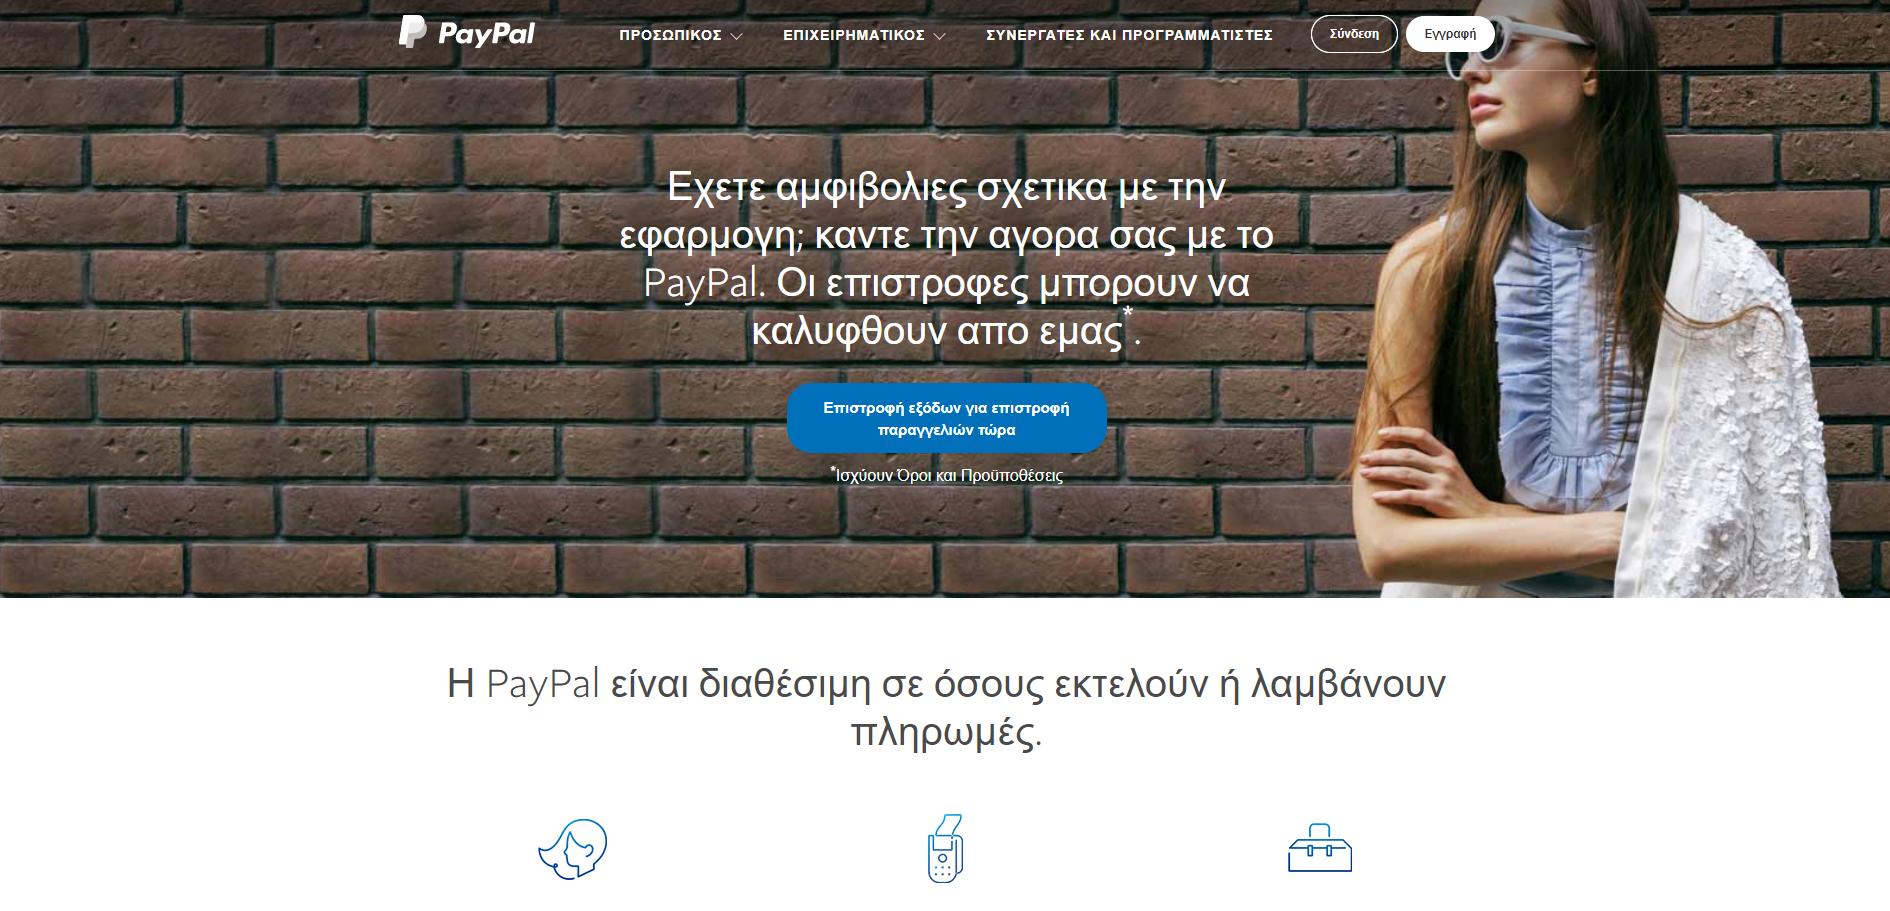 Κεντρική σελιδα του Paypal